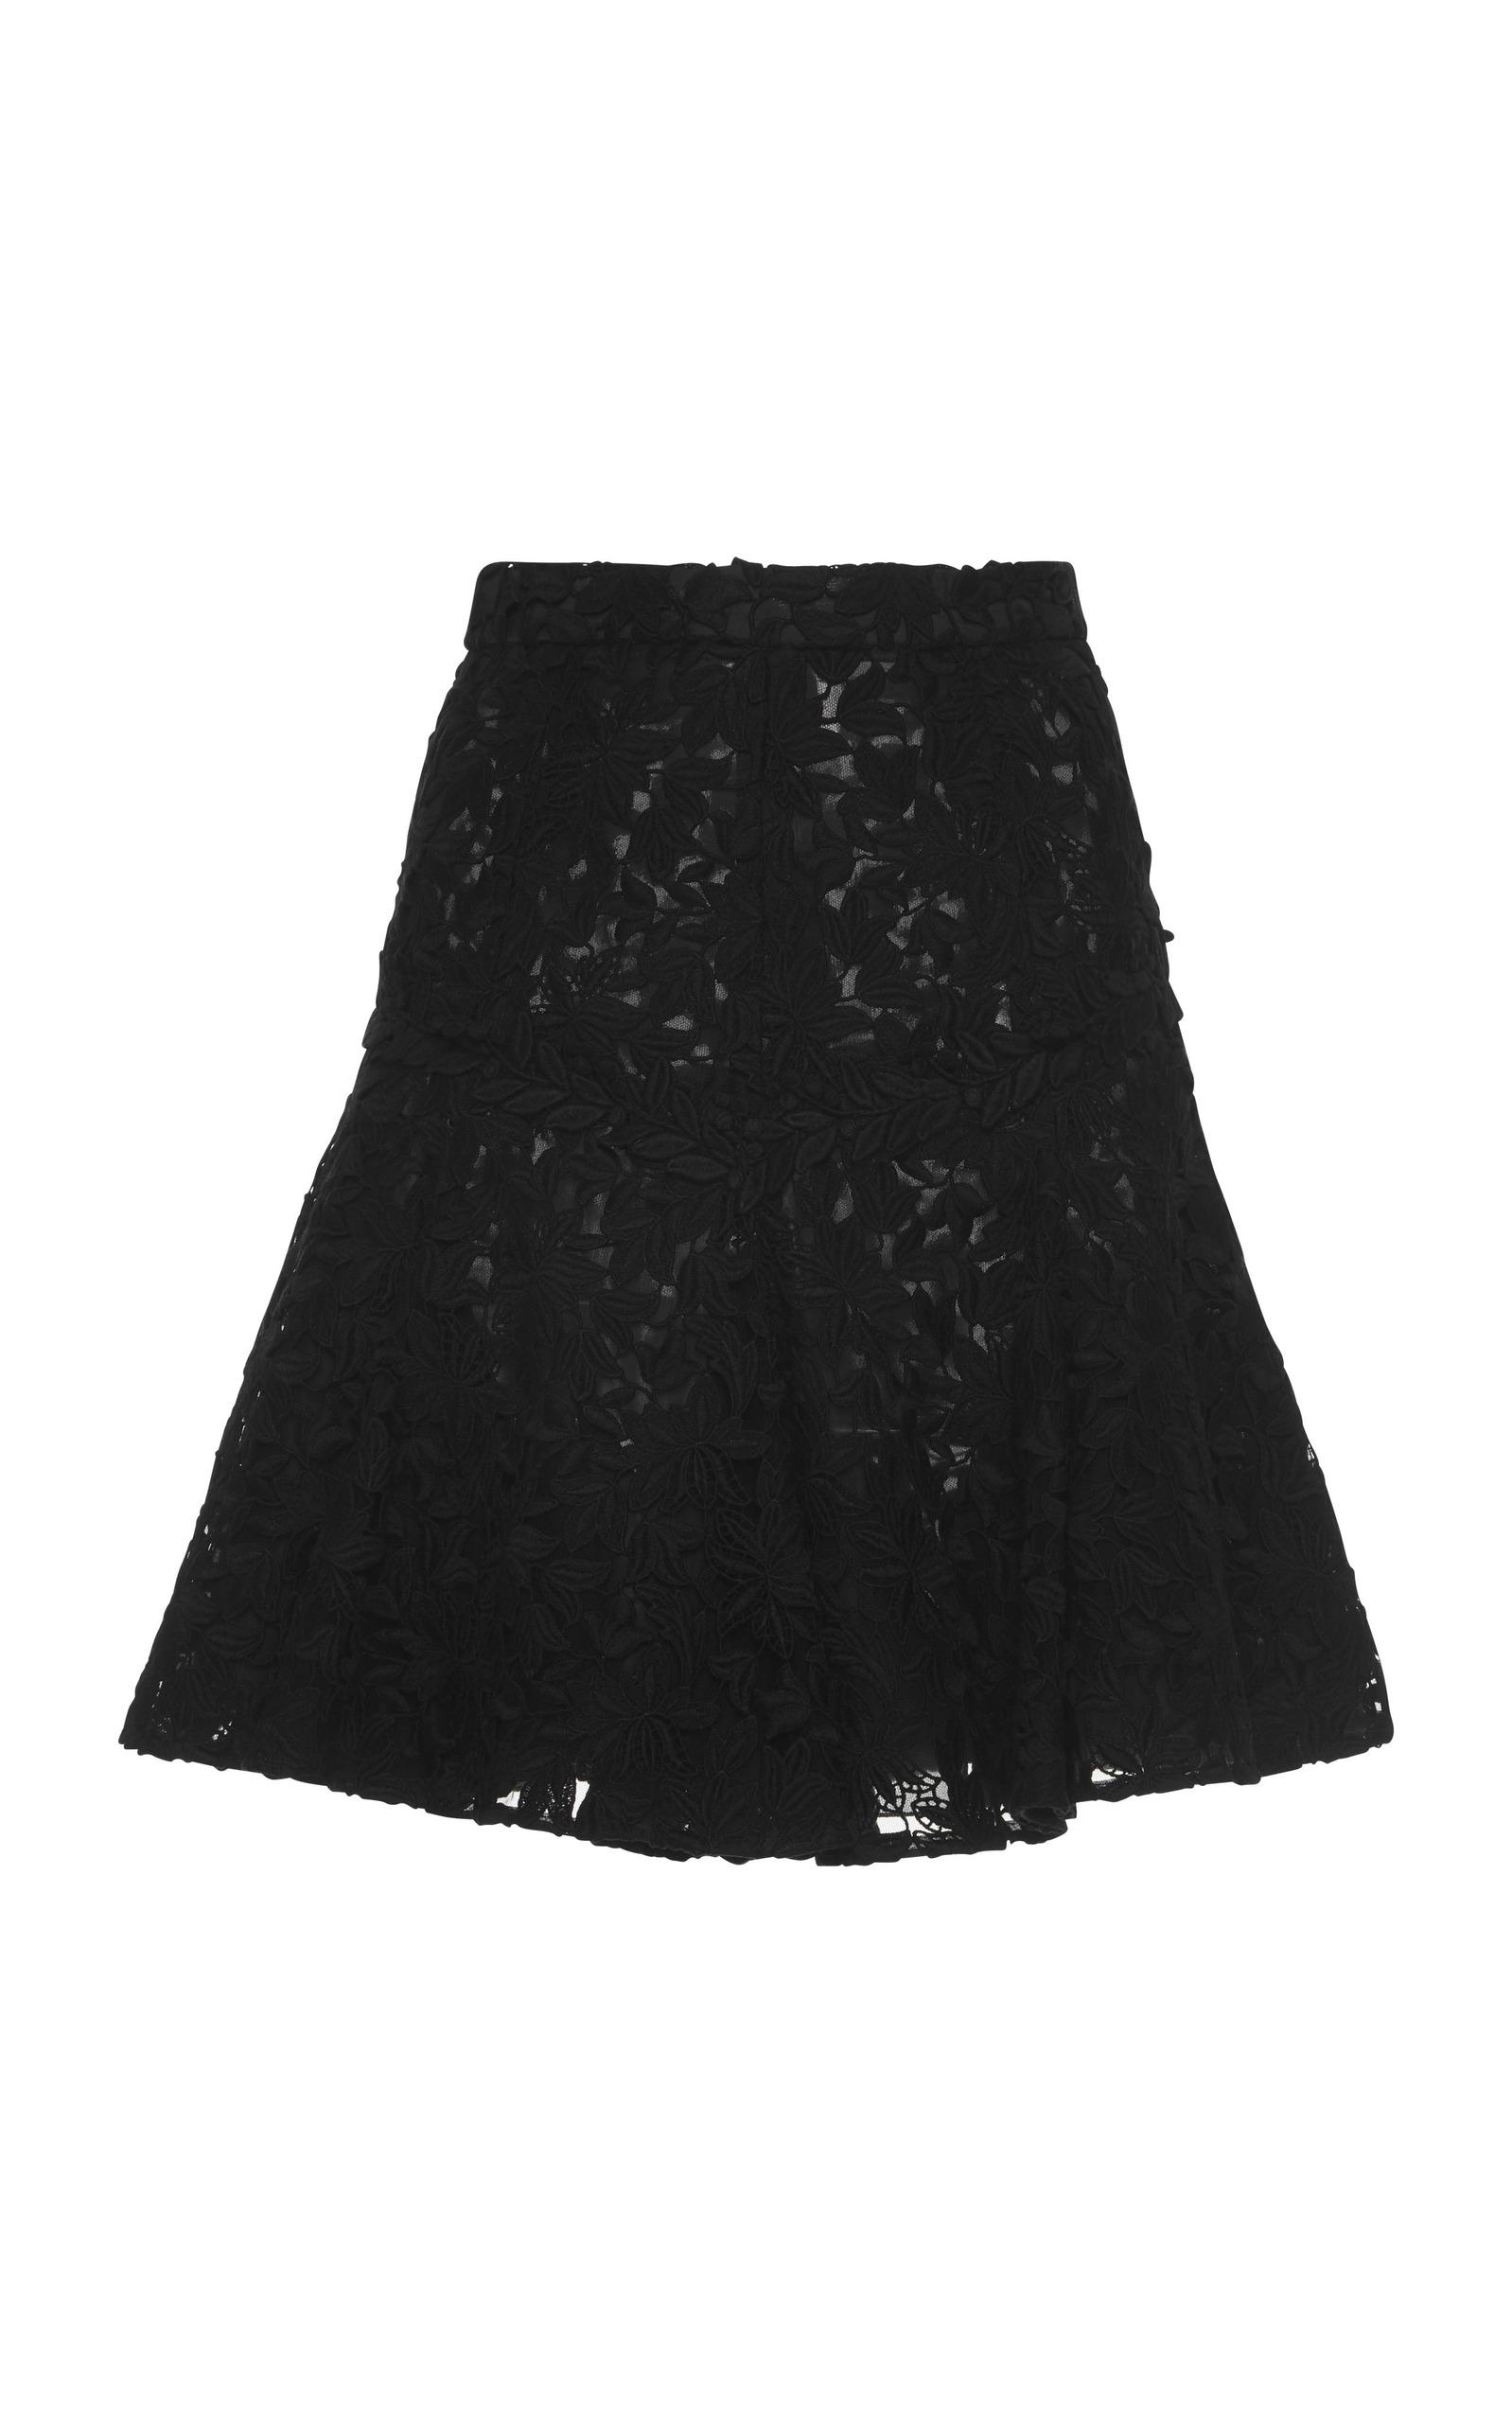 macrame skirt